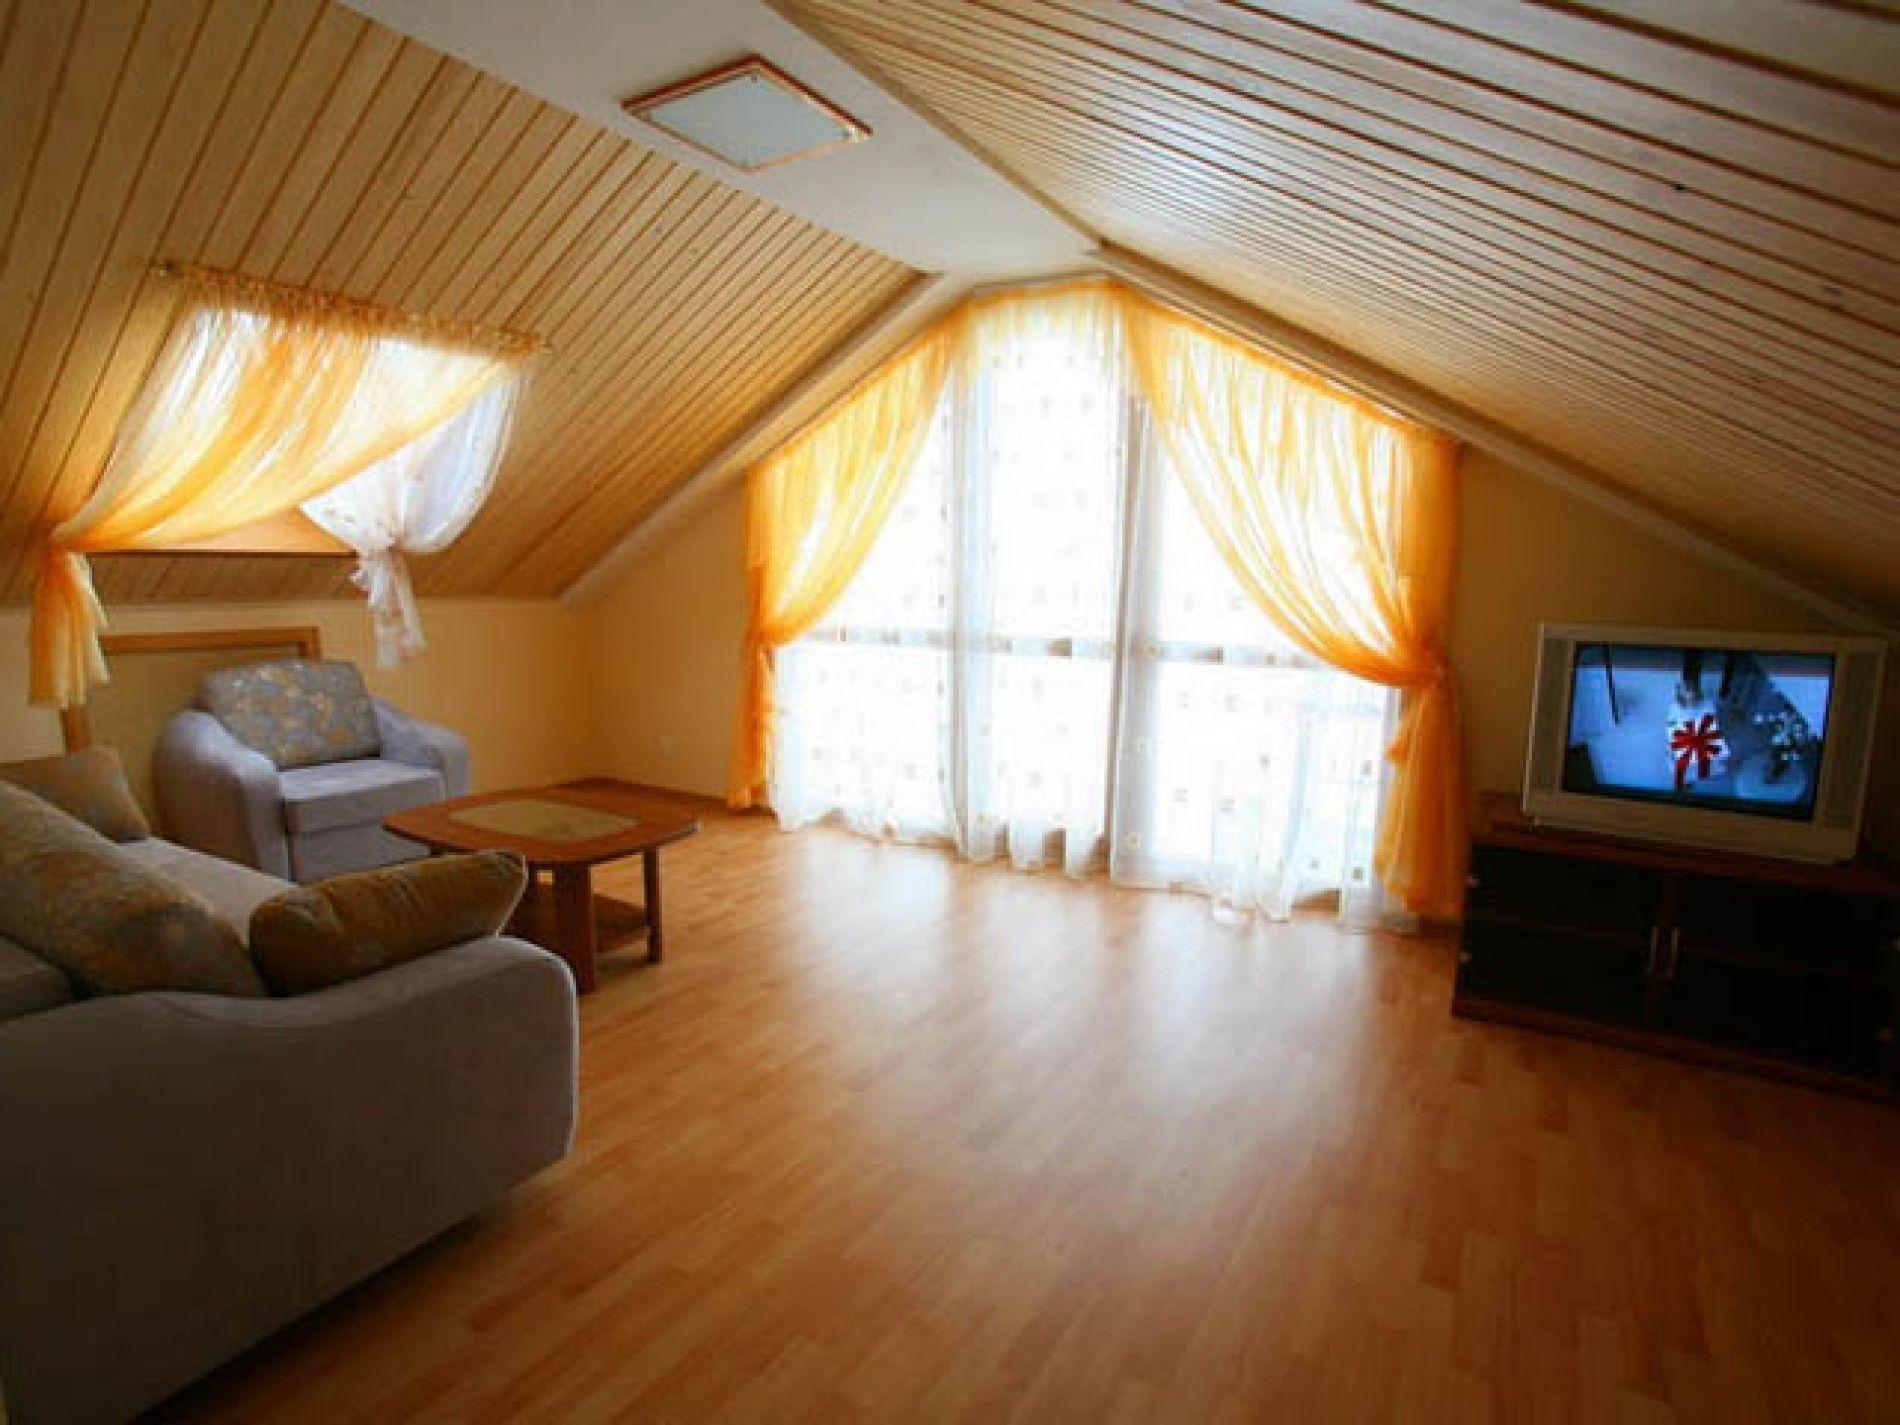 Туристический комплекс «Мирная Пристань» Ивановская область Апартаменты (№ 31, 32), фото 5